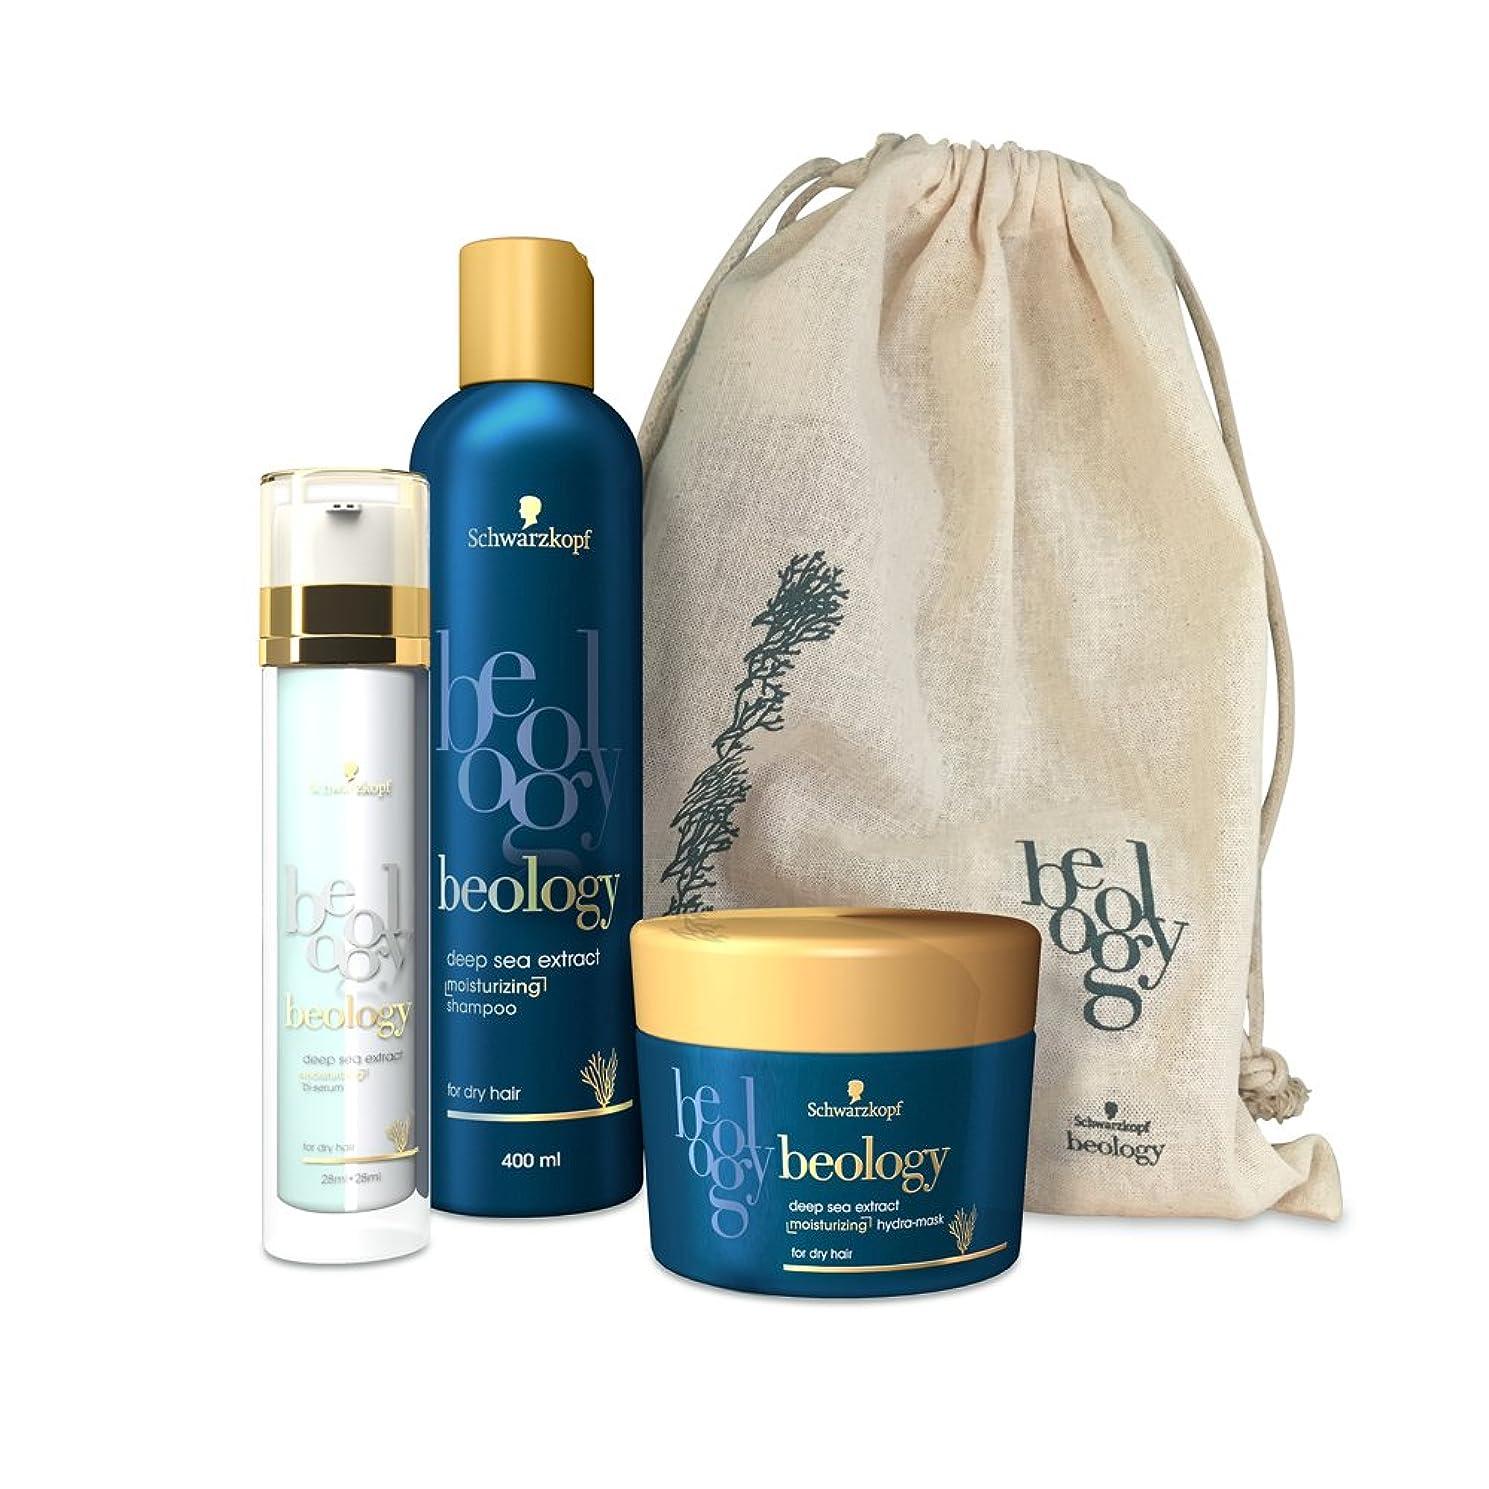 匹敵しますエイリアス相関するBeology - 3つの保湿製品のセット - バイセラム/シャンプー/マスク - ヘアケア用ディスカバリーバッグ